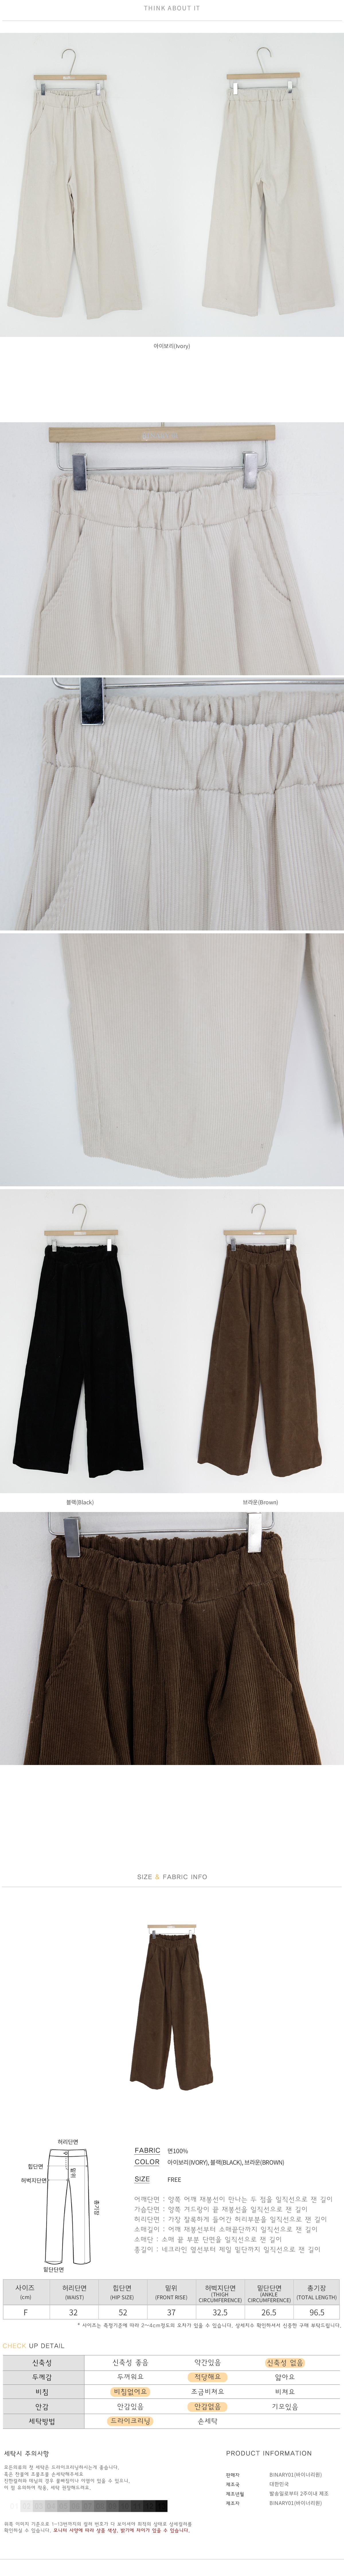 Corduroy with Bending Pants